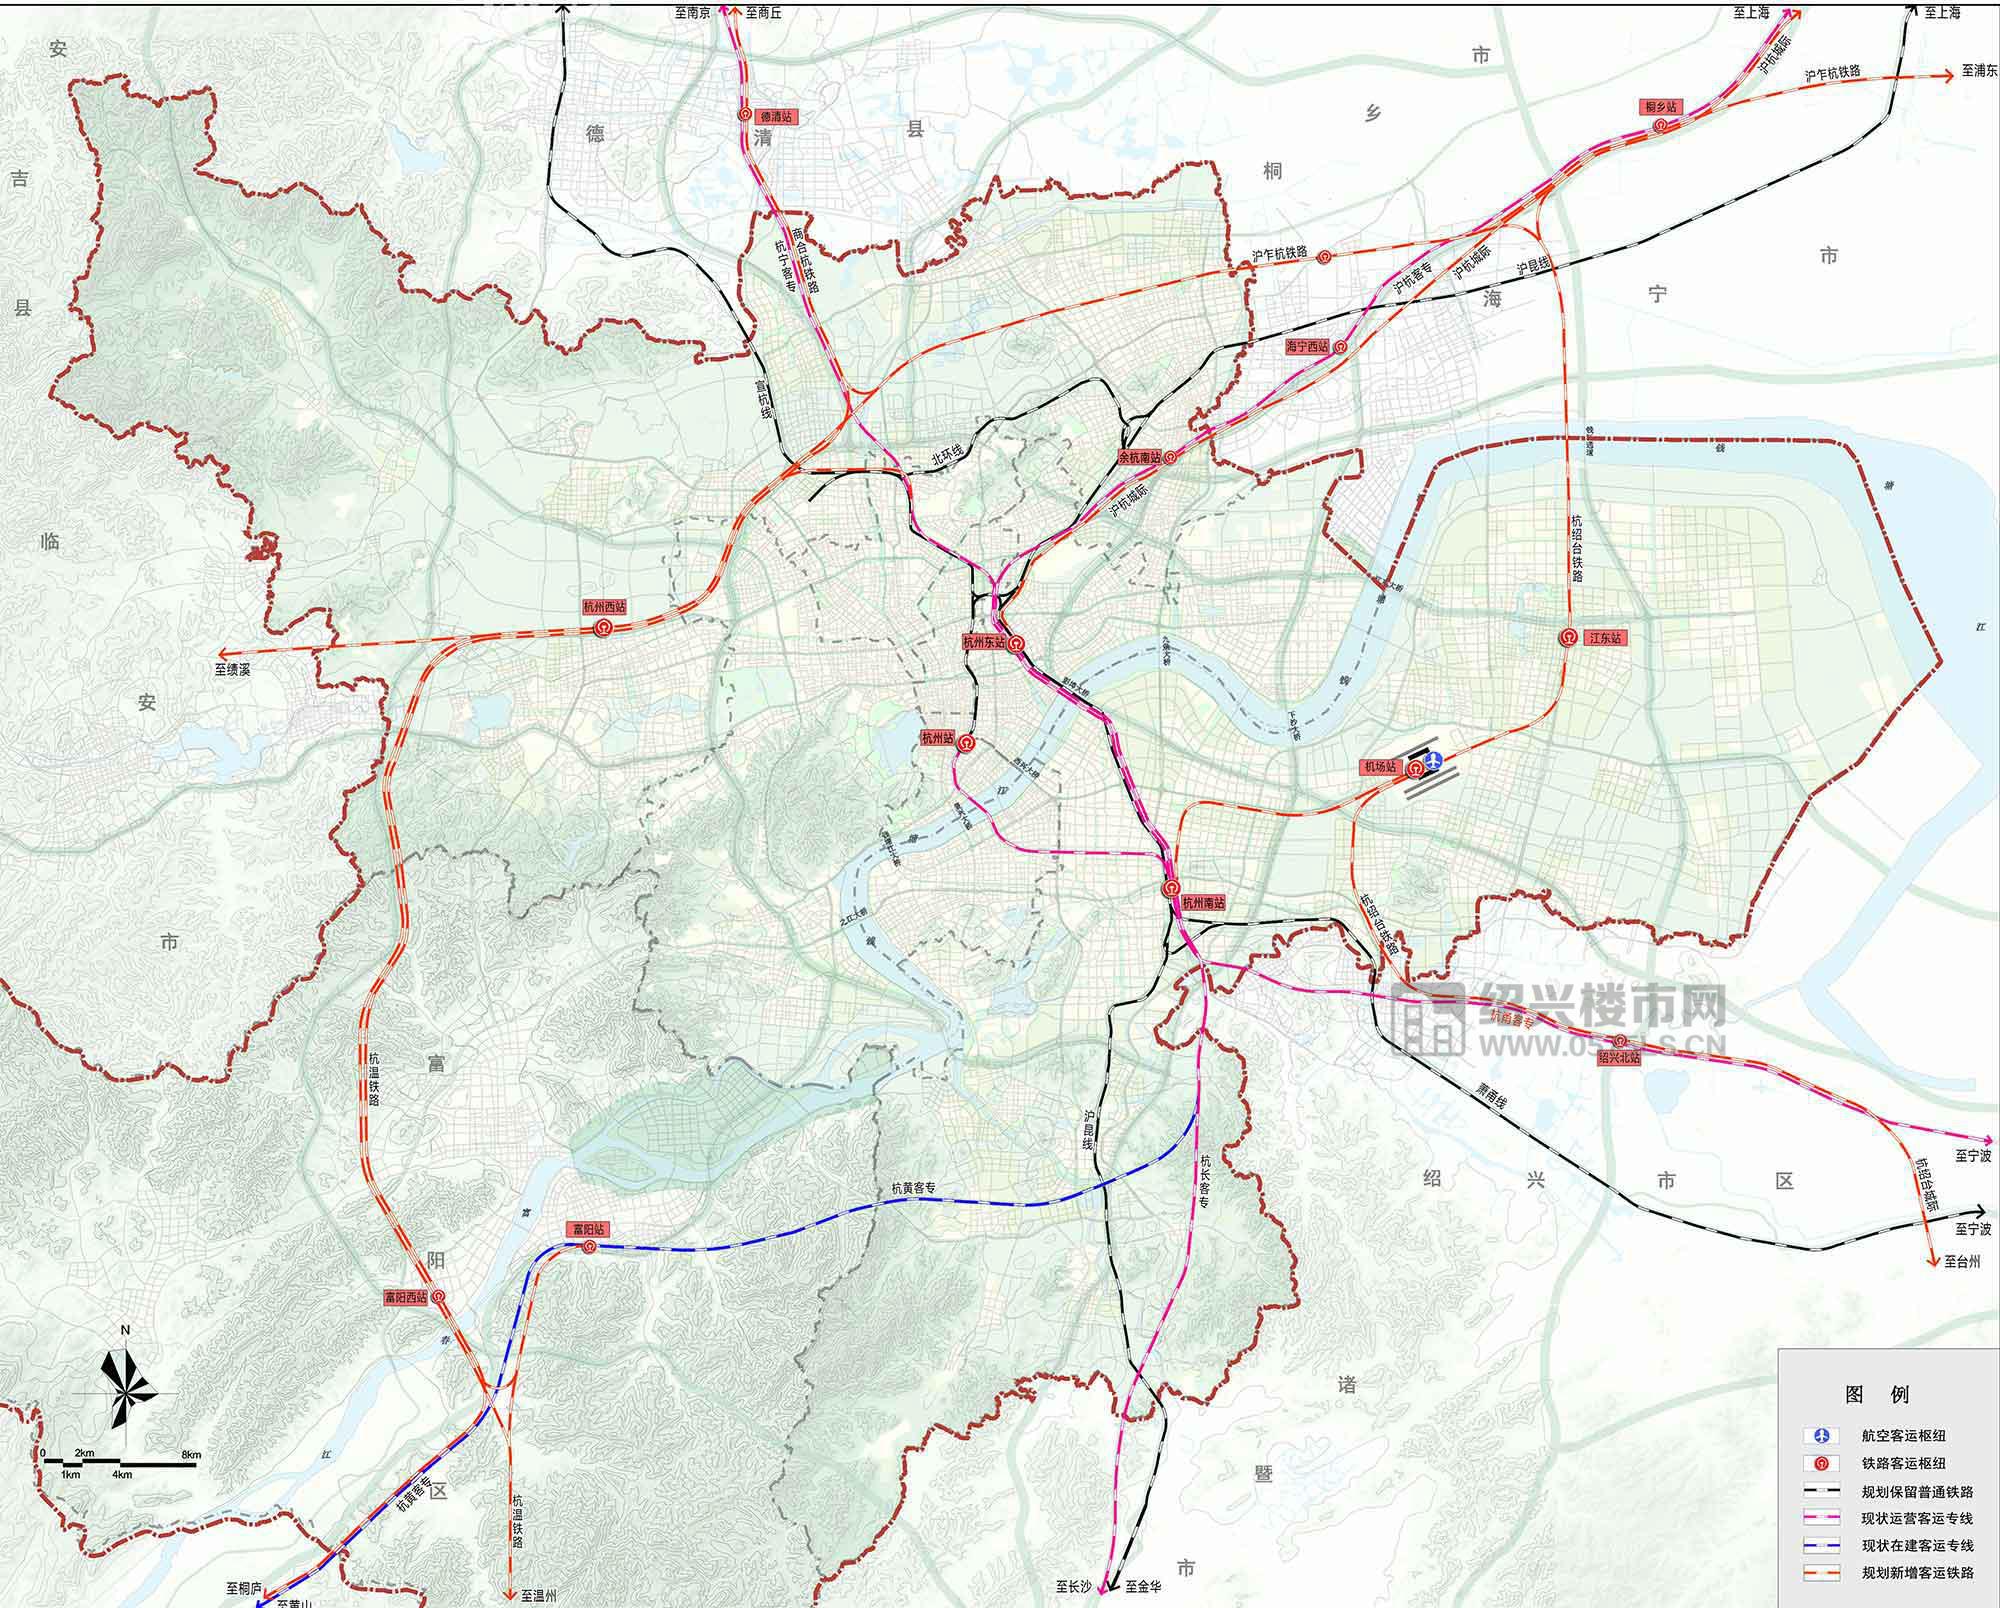 铁路系统与航空枢纽规划图_副本